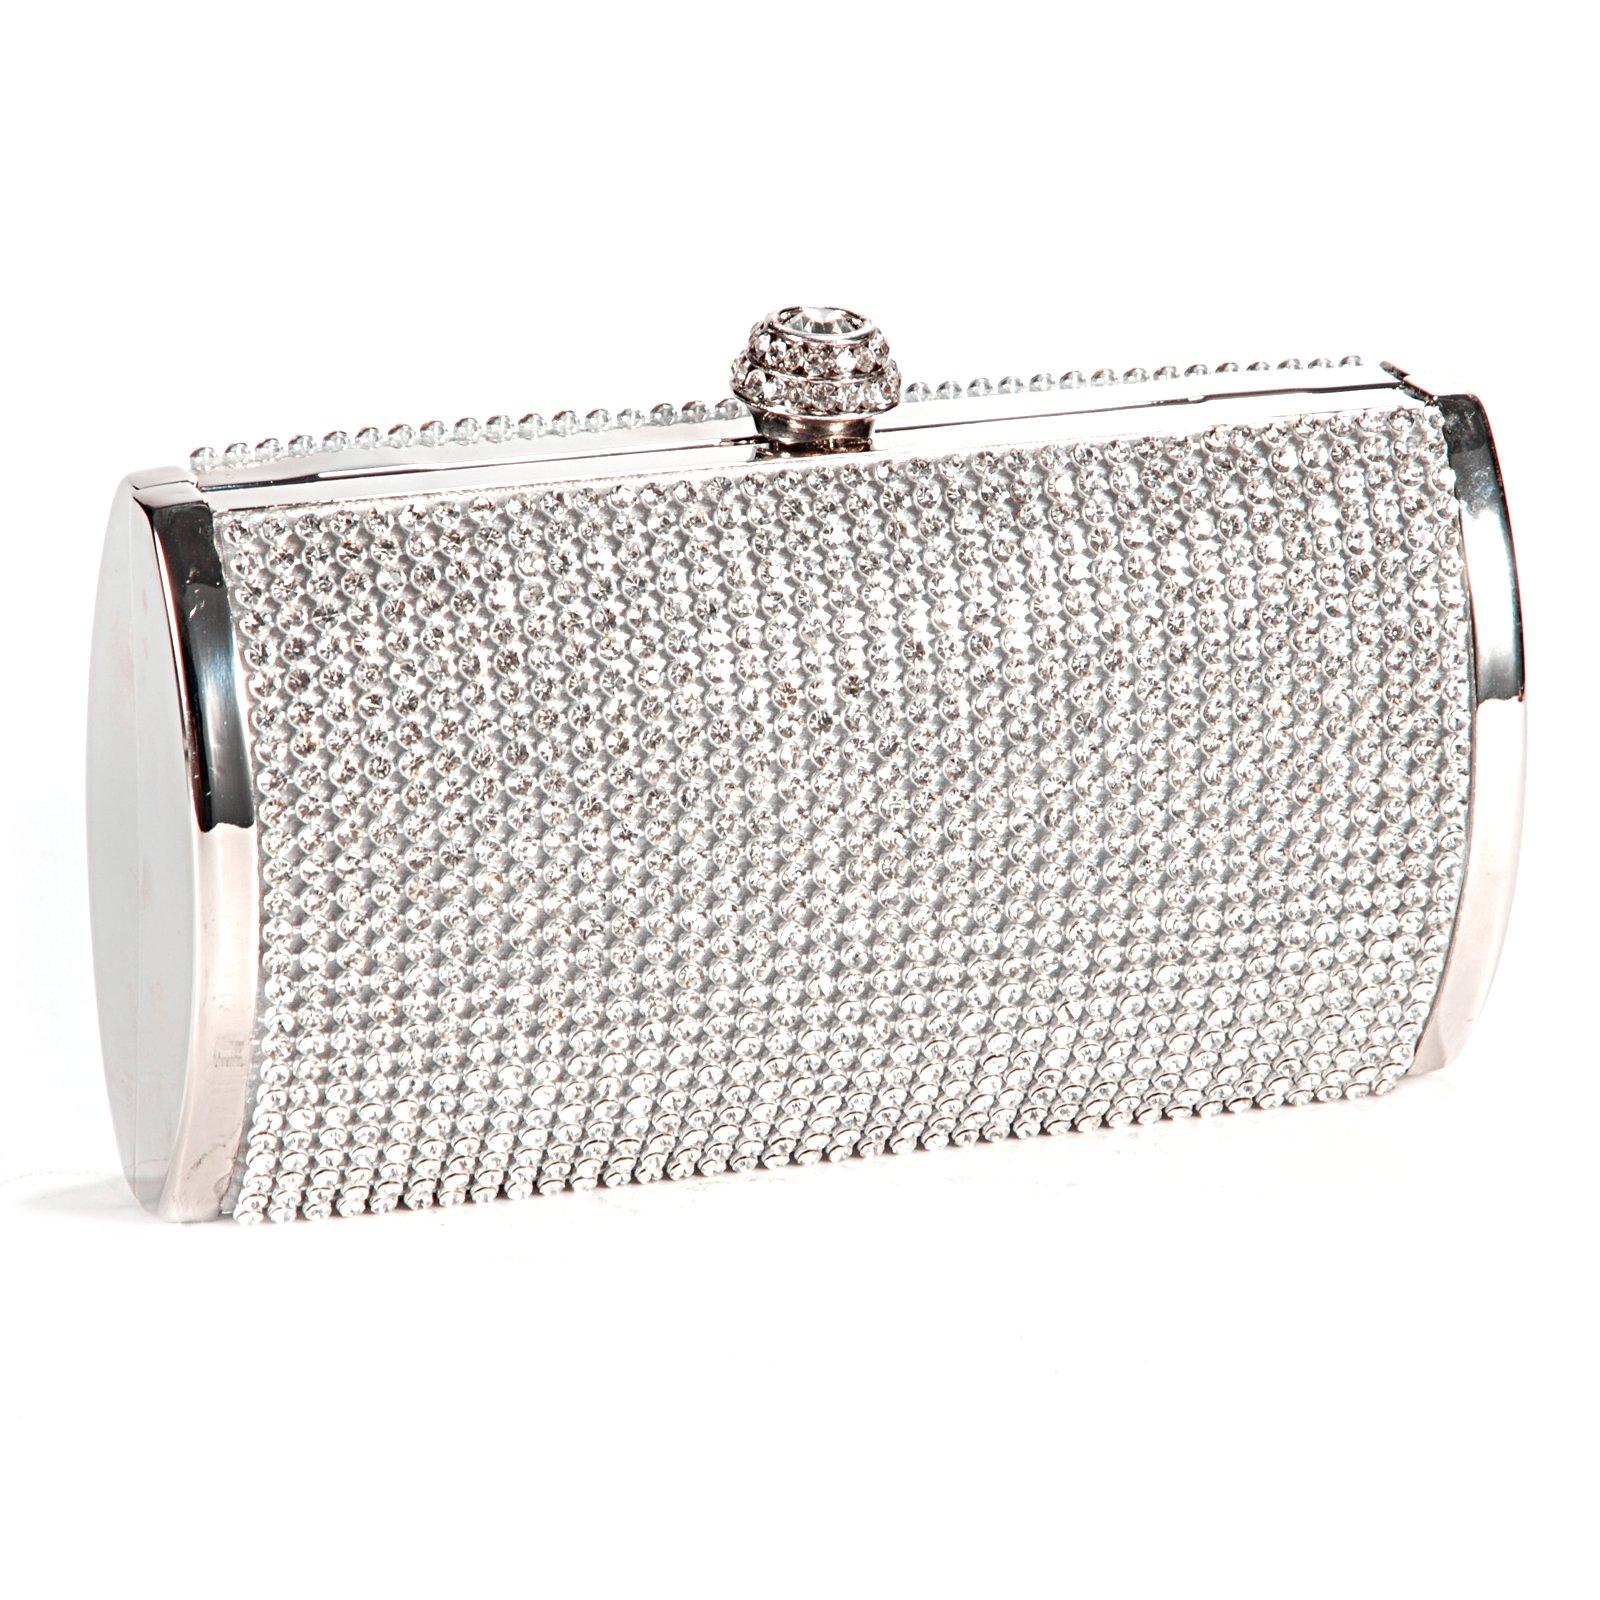 5 Stücke (abdb Handtasche Tasche Brieftasche Starre Metallic Deco Strass Für Frau Mädchen Silbrig GroßE Vielfalt